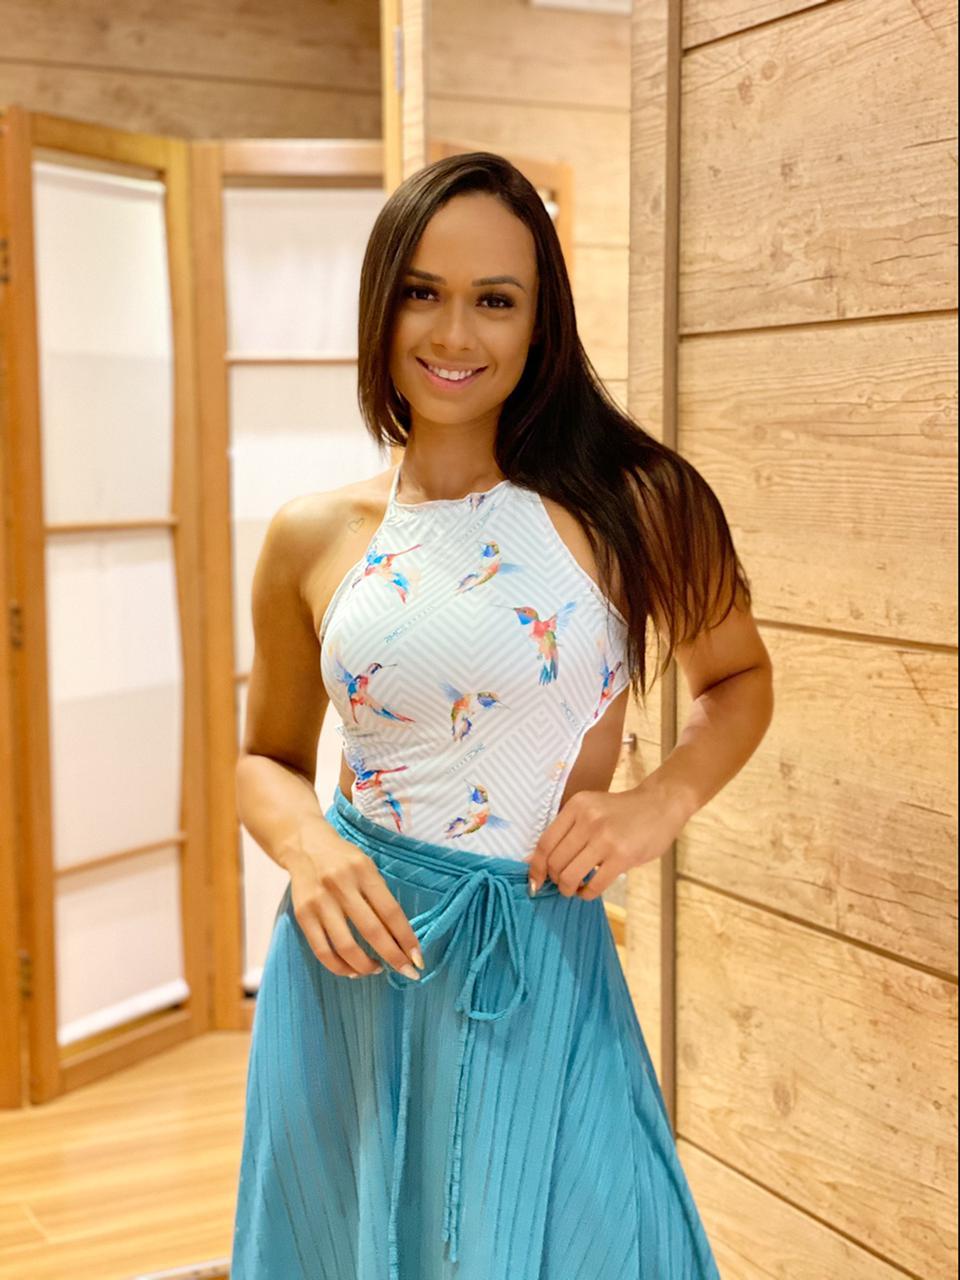 Saia Envelope Pontas Azul Turquesa   - RMCE BRAZIL